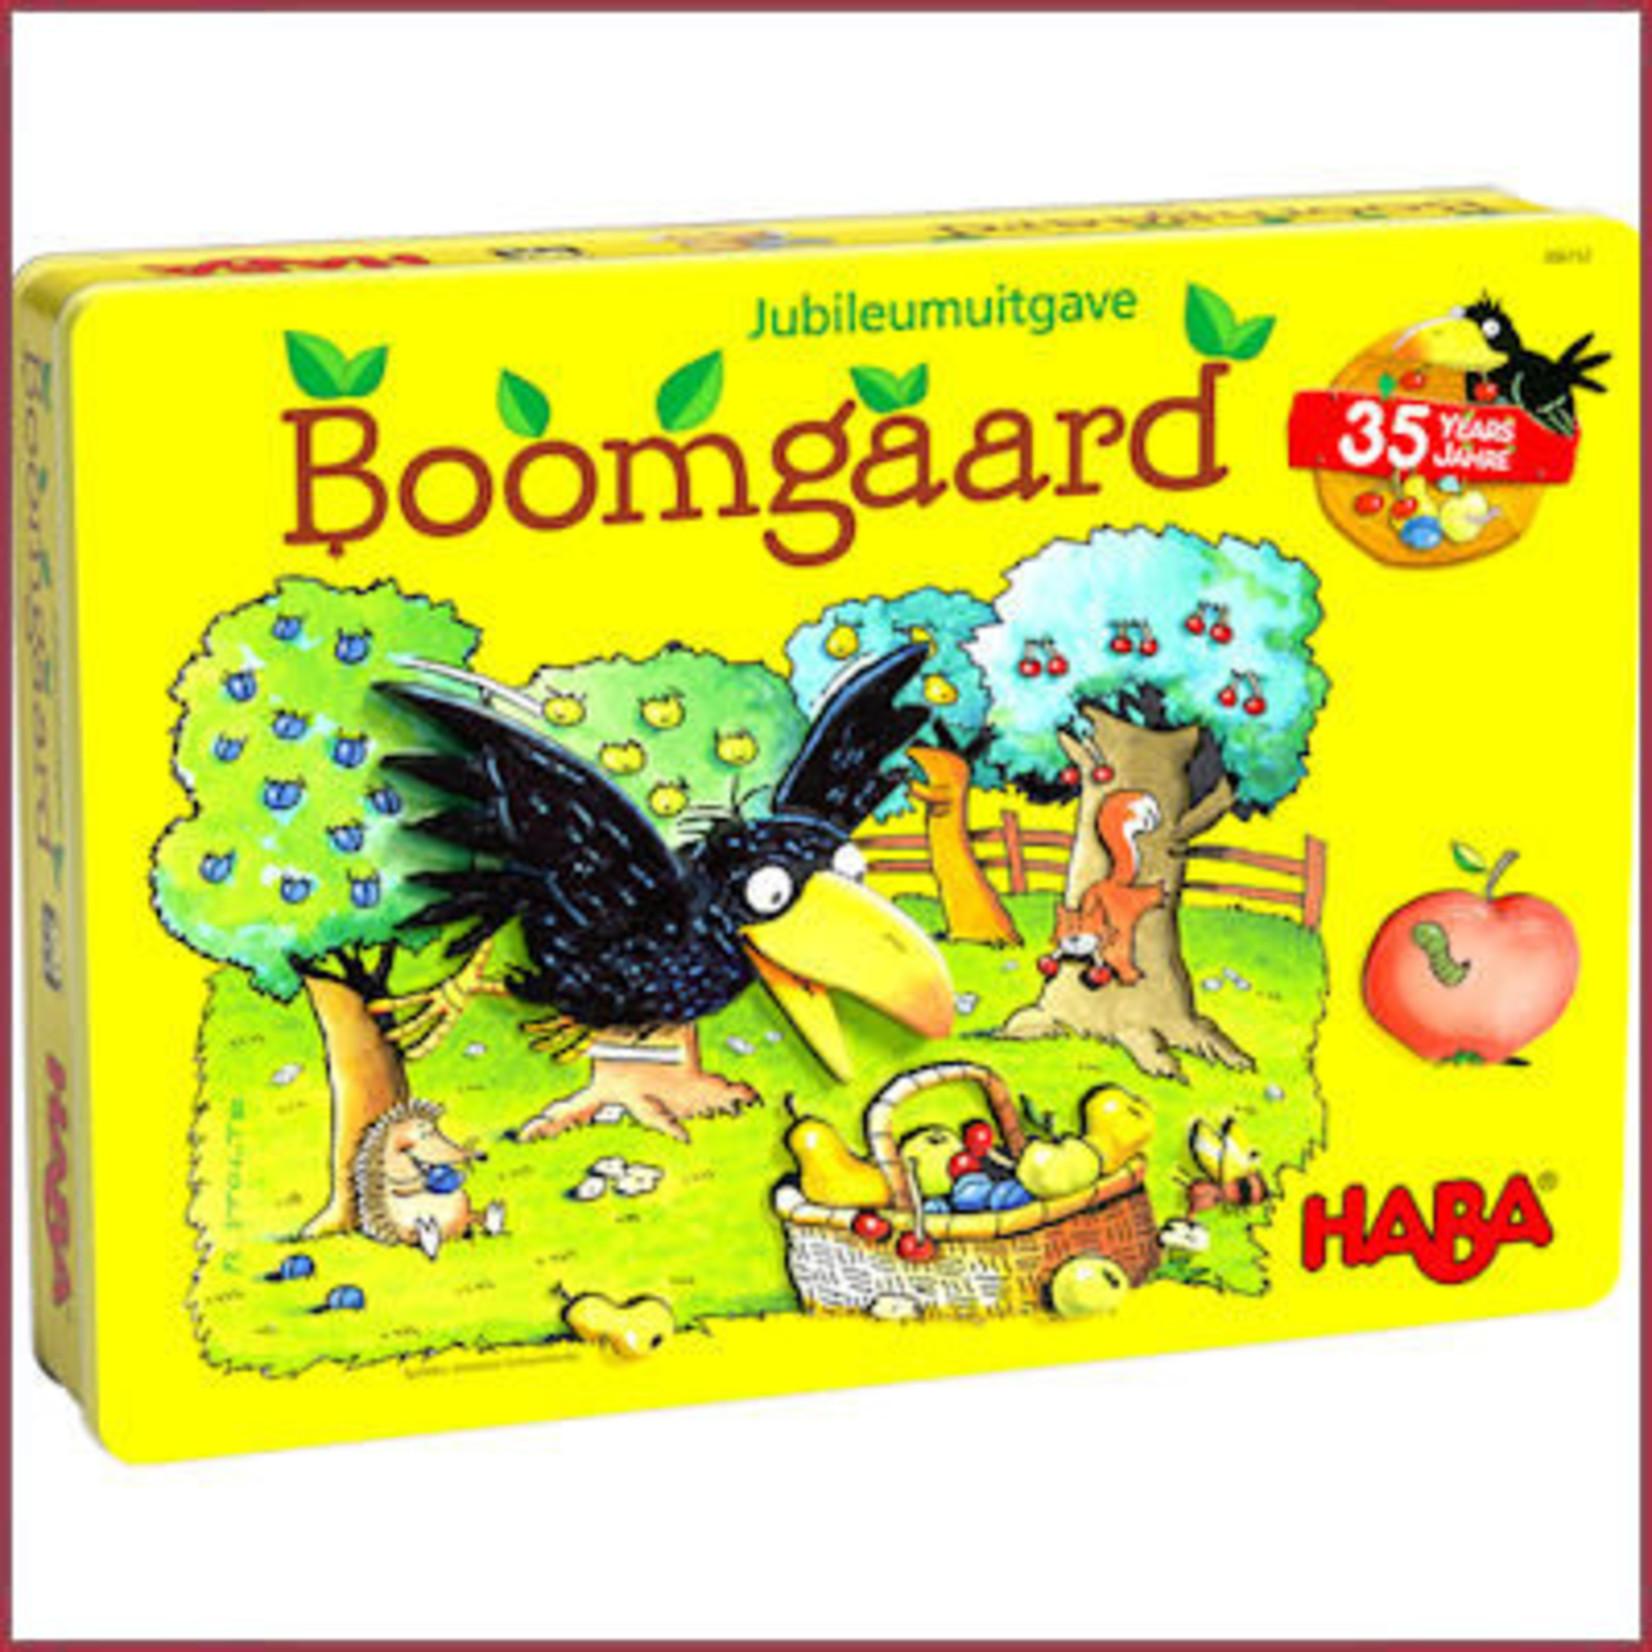 Haba Boomgaard Jubileumuitgave 35 jaar!